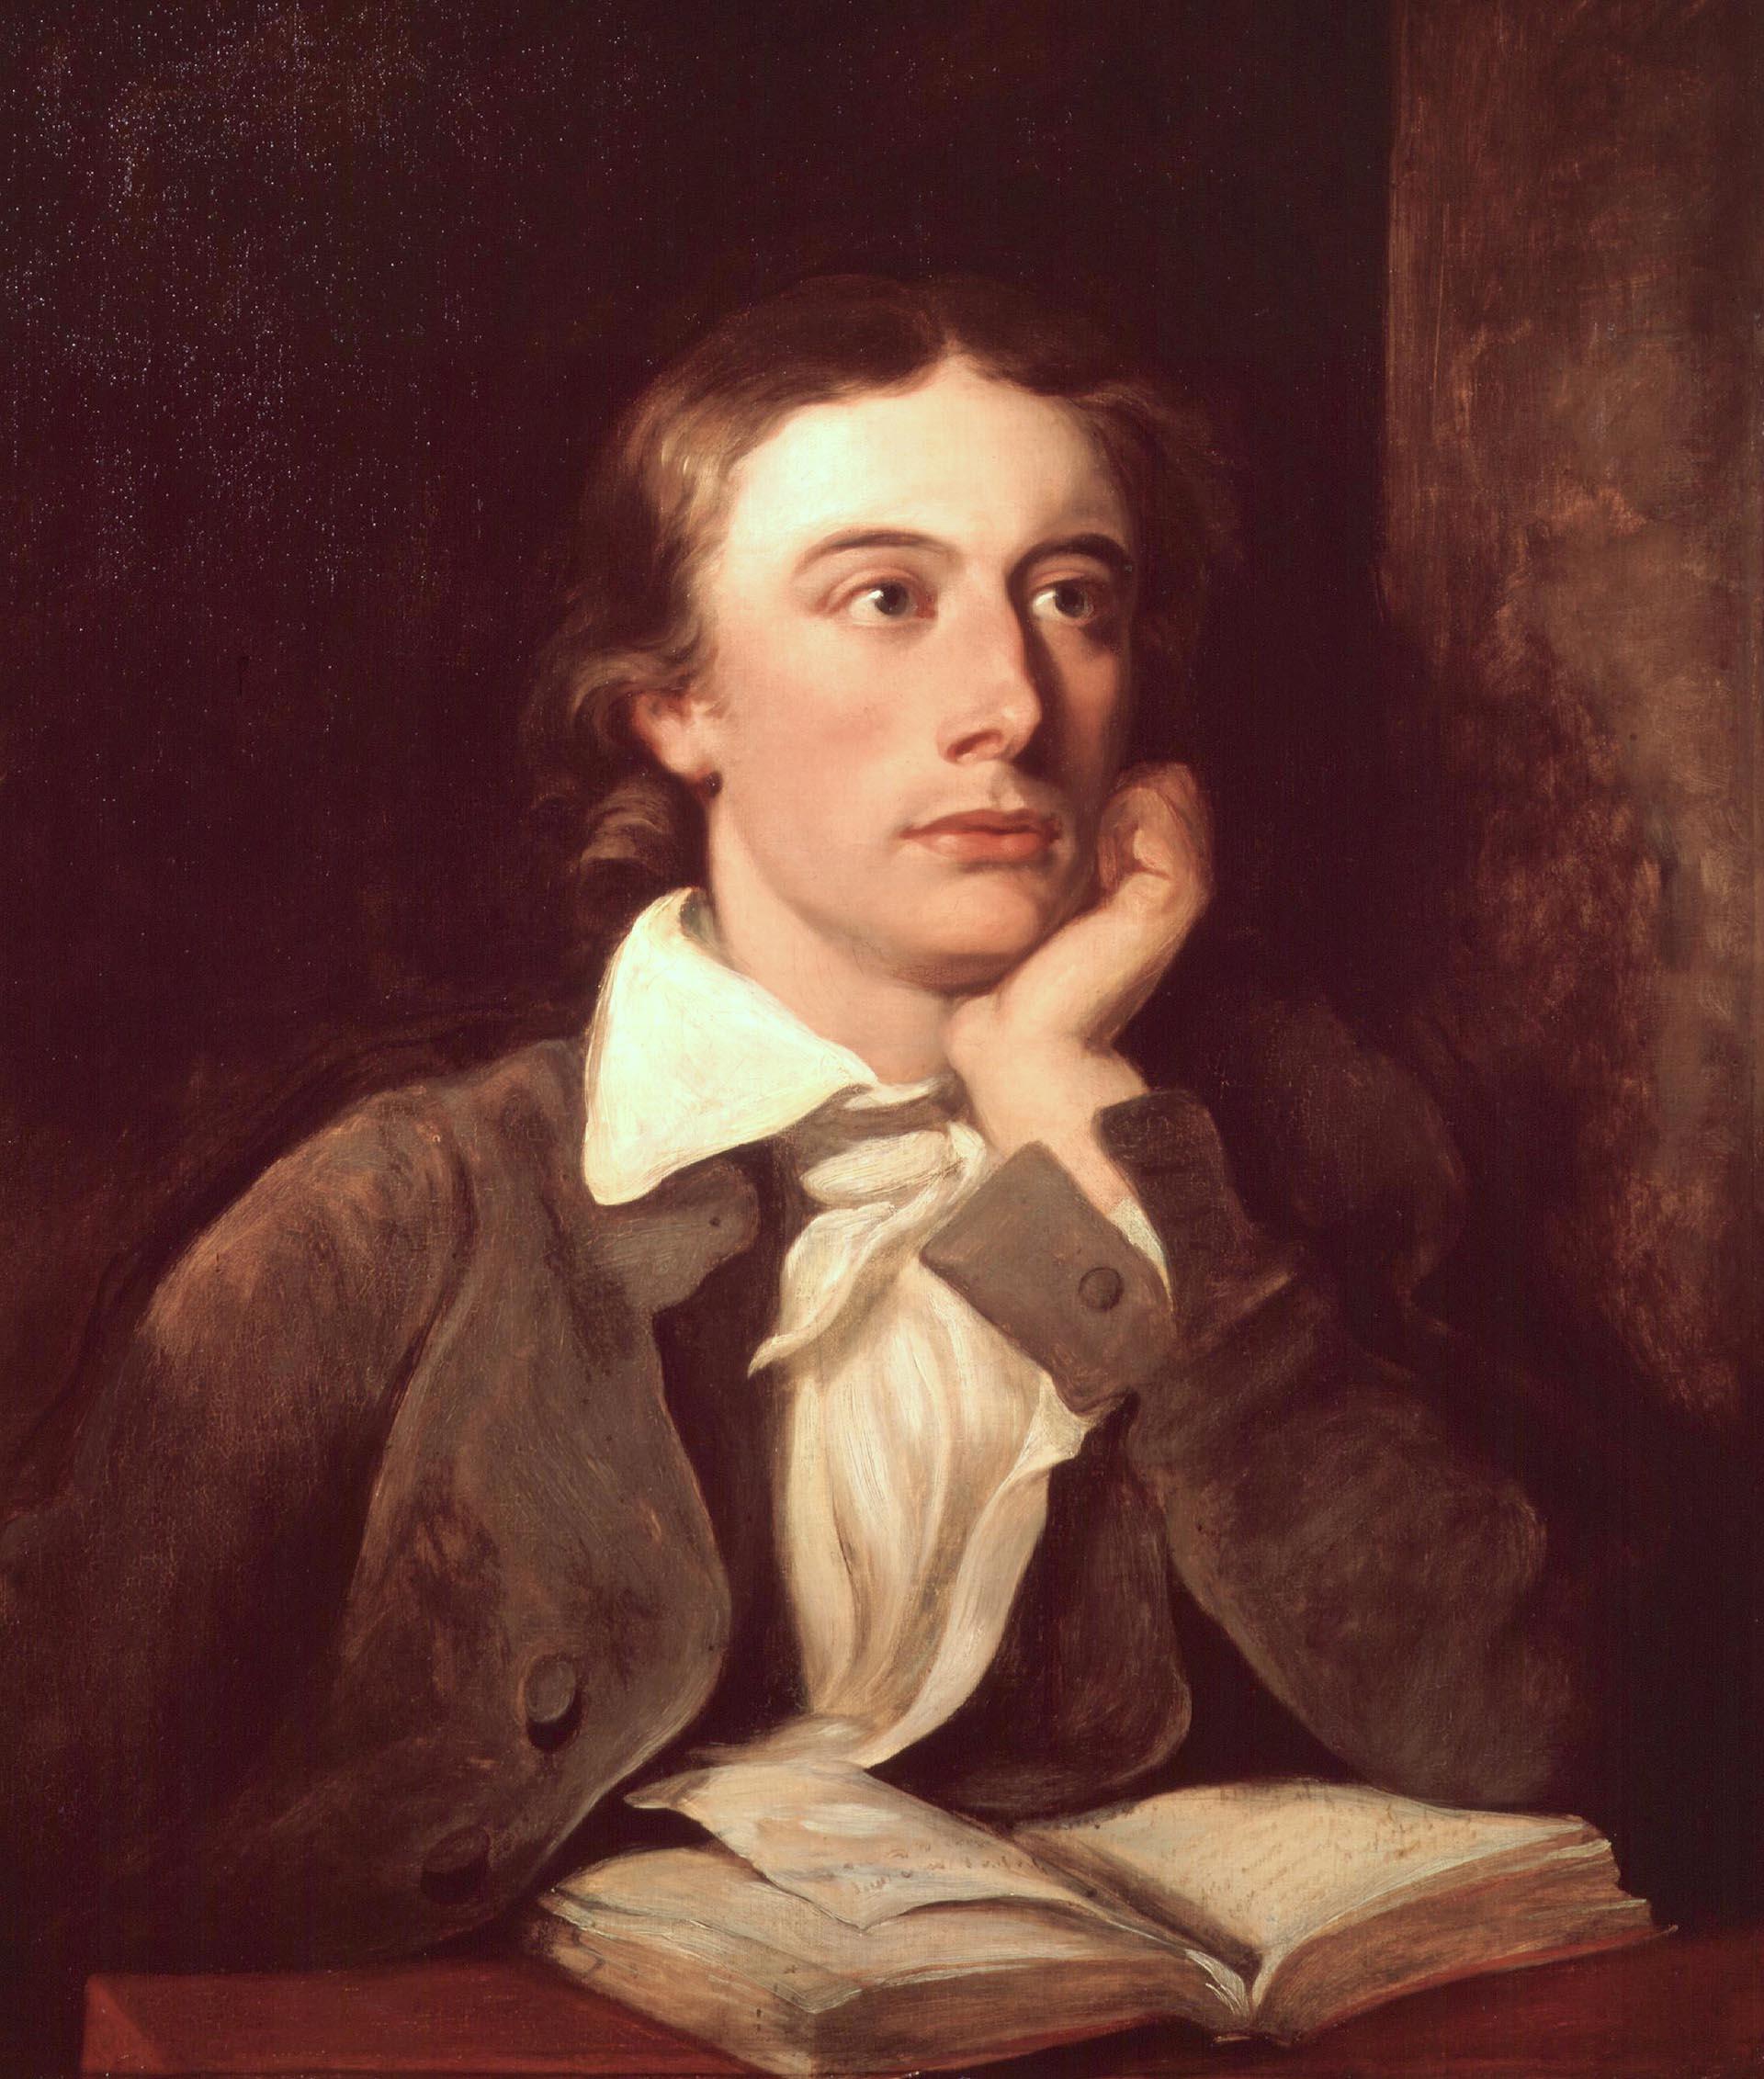 John Keats, el poeta admirado por Jorge Luis Borges, fue también cirujano. Murió por tuberculosis a los 25 años. Se lo considera un precursor de los temas médicos en la poesía.